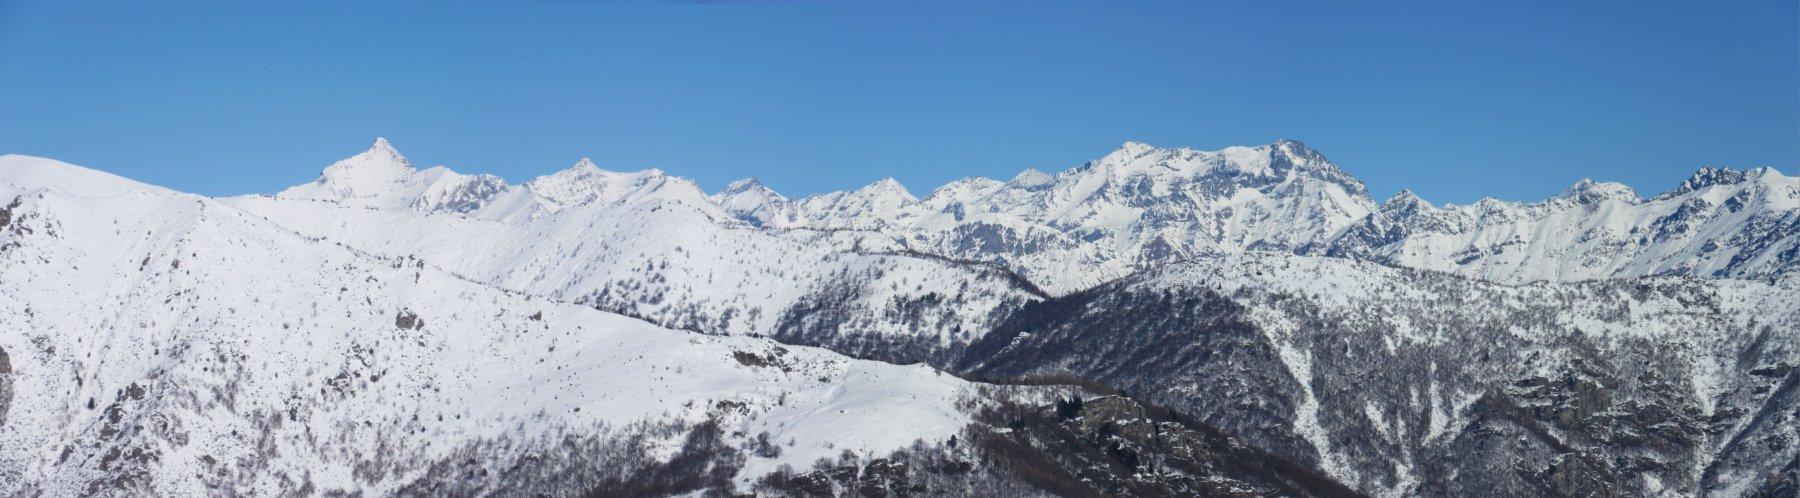 Panorama salendo con il Rocciamelone sulla sx